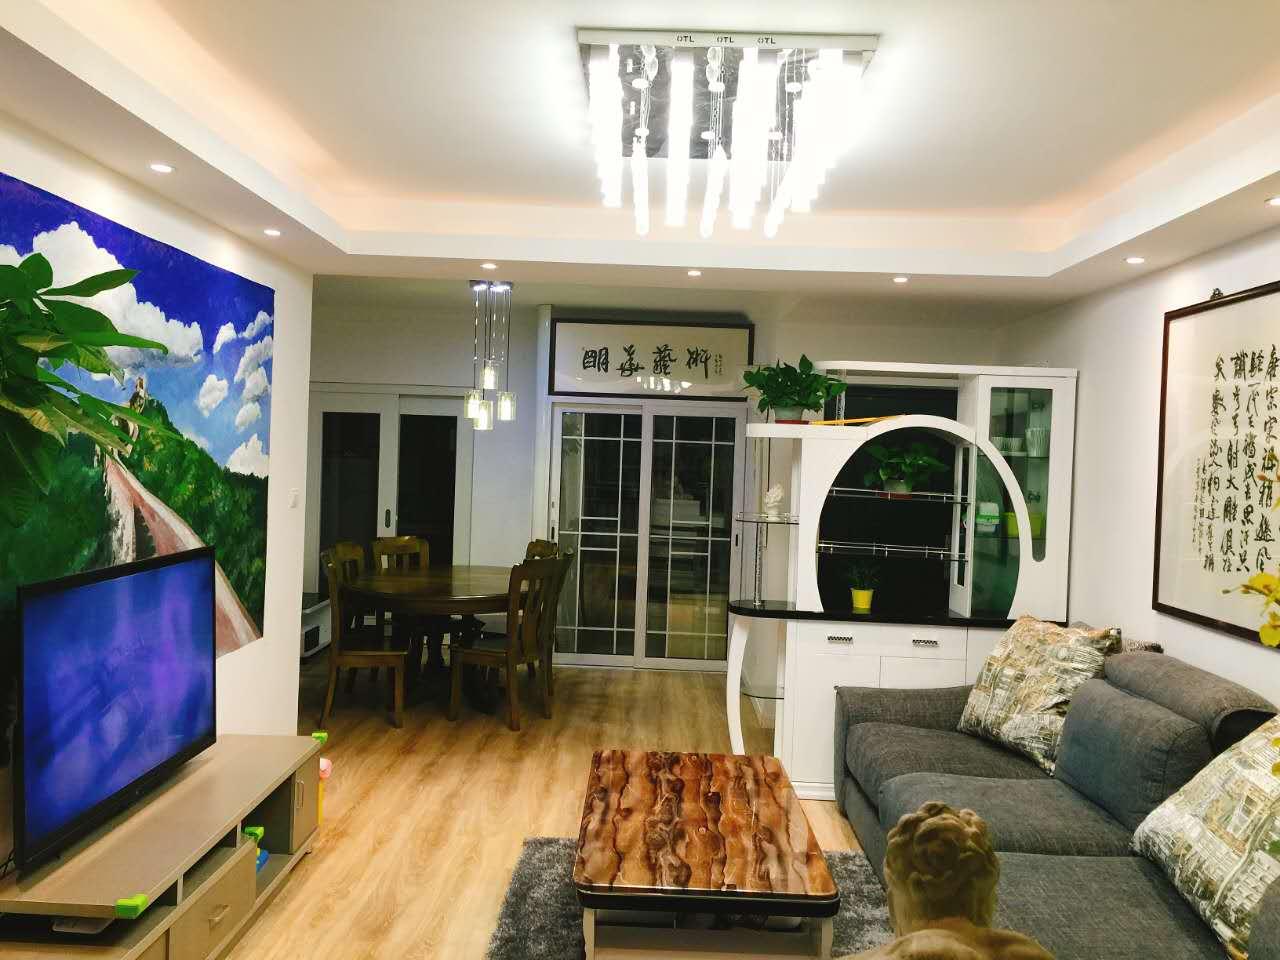 视线及下,选用了深色的沙发和纹路清晰的茶几,让原本浅色系的空间显得很有内容。